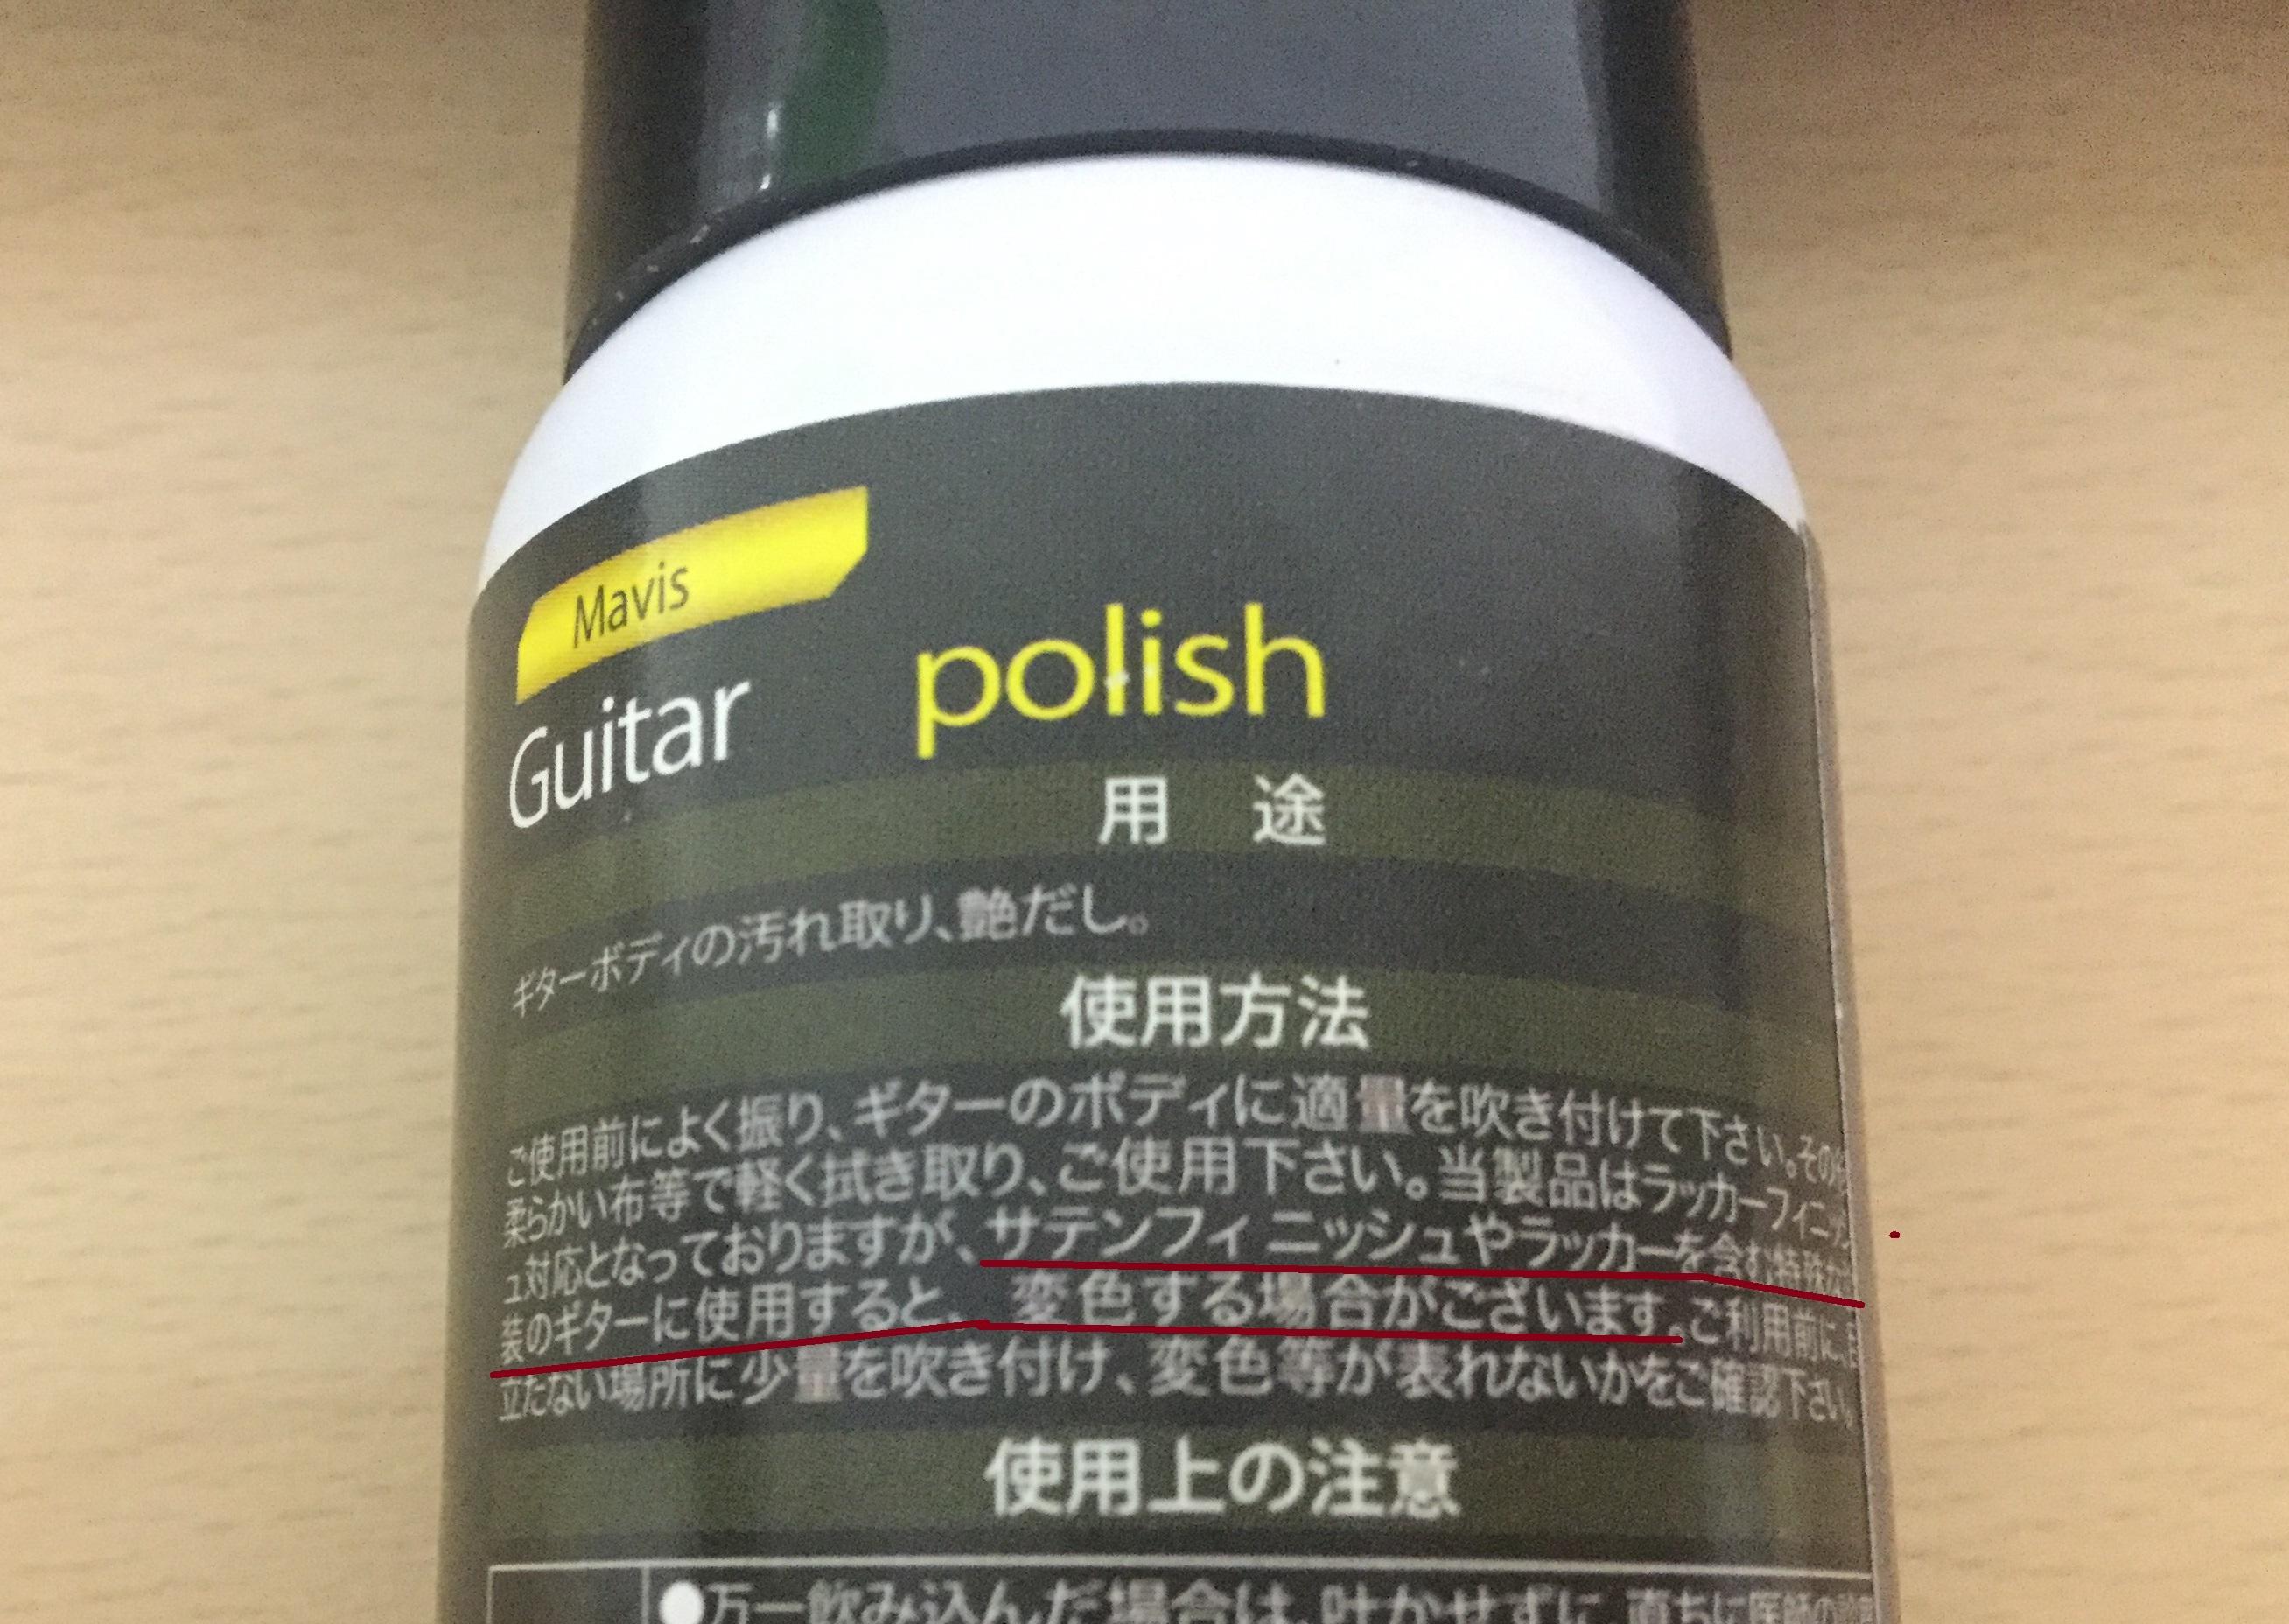 ラッカー塗装対応のポリッシュ注意3